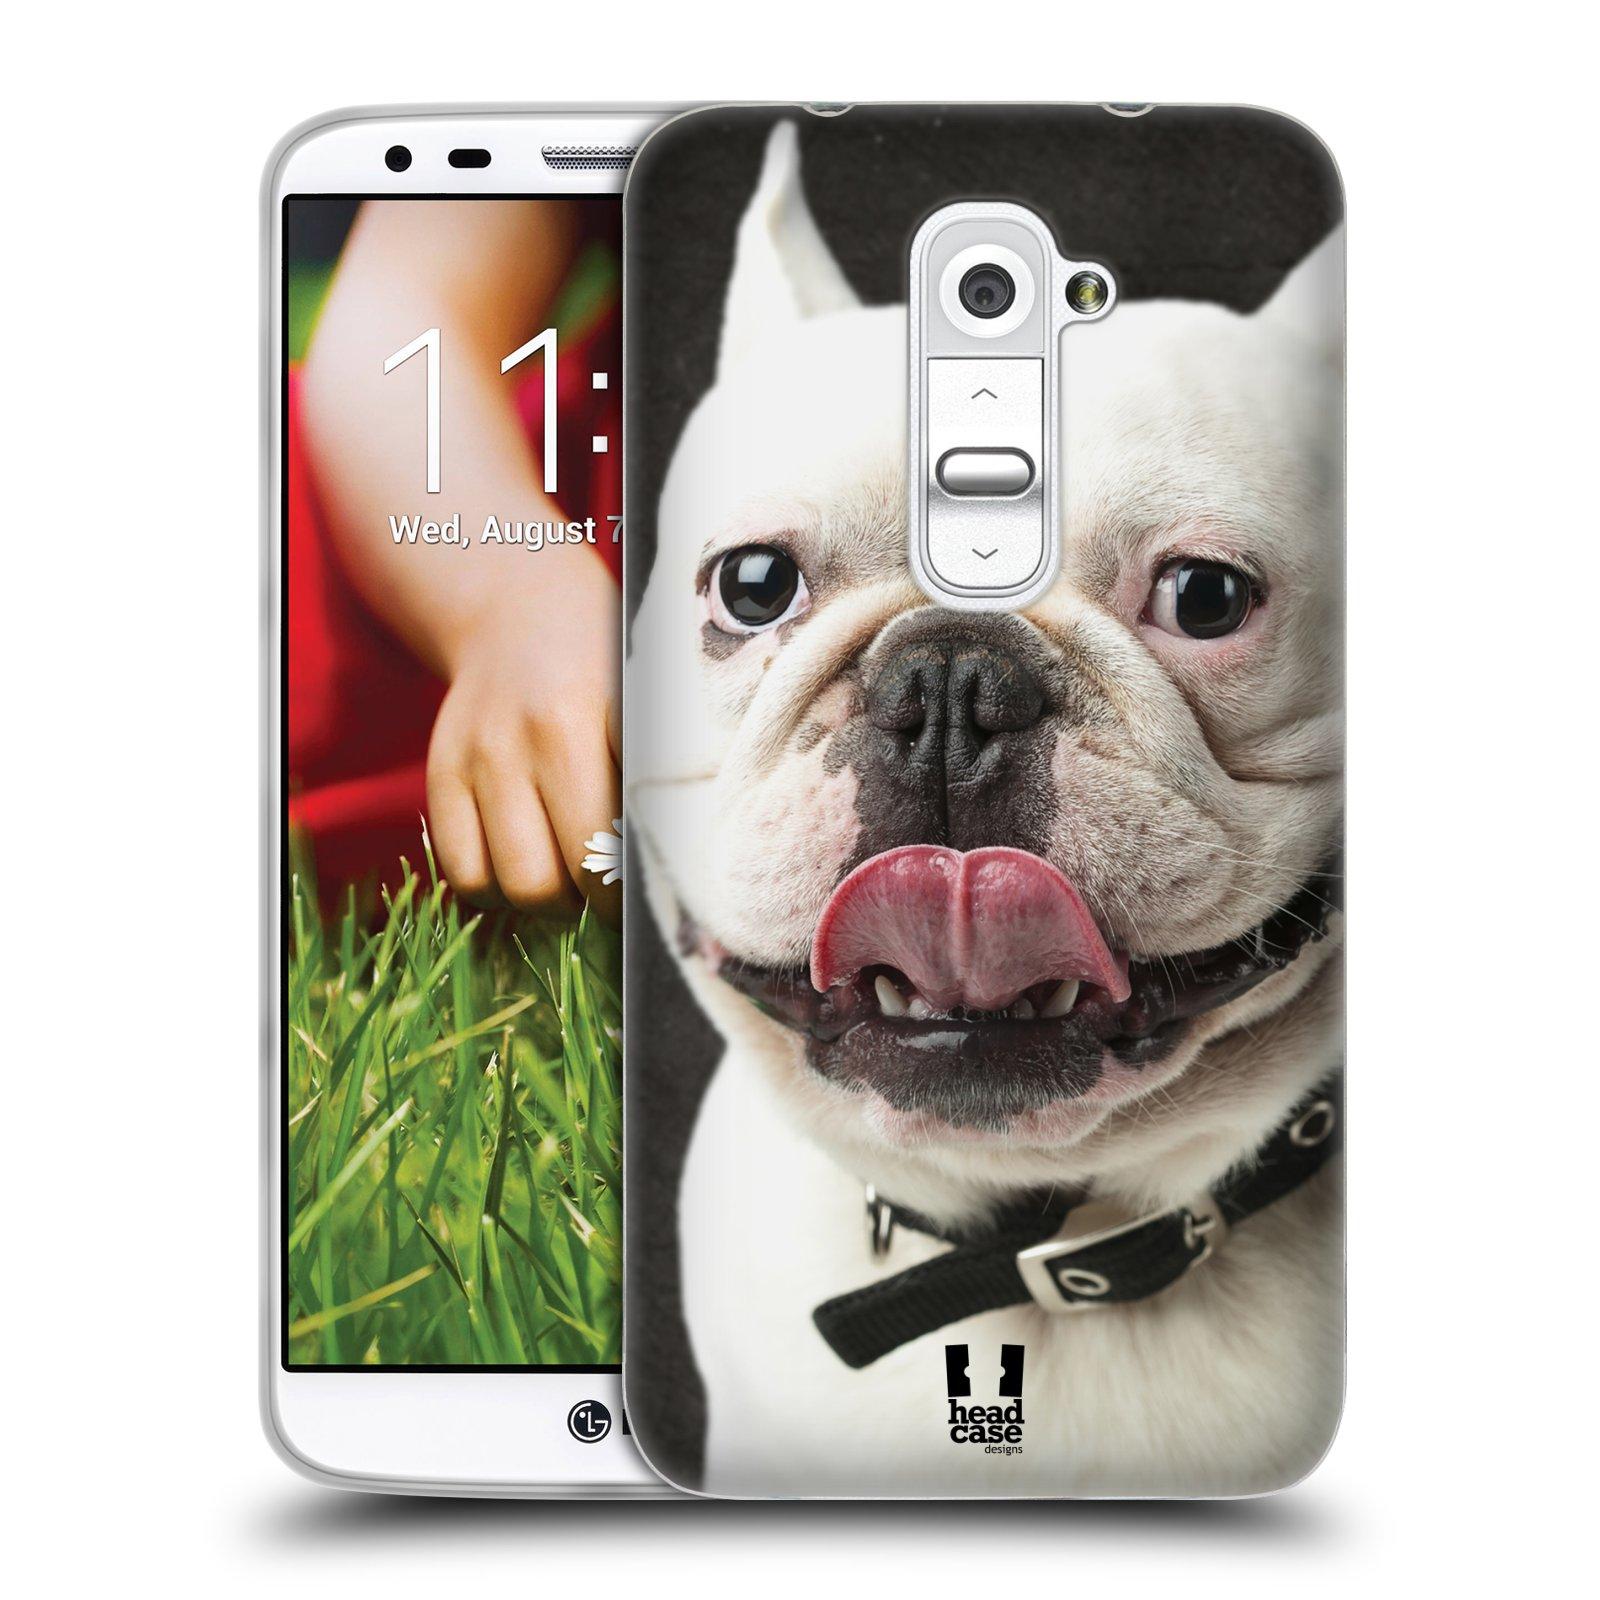 HEAD CASE silikonový obal na mobil LG G2 vzor Legrační zvířátka pejsek s vyplazeným jazykem BULDOK